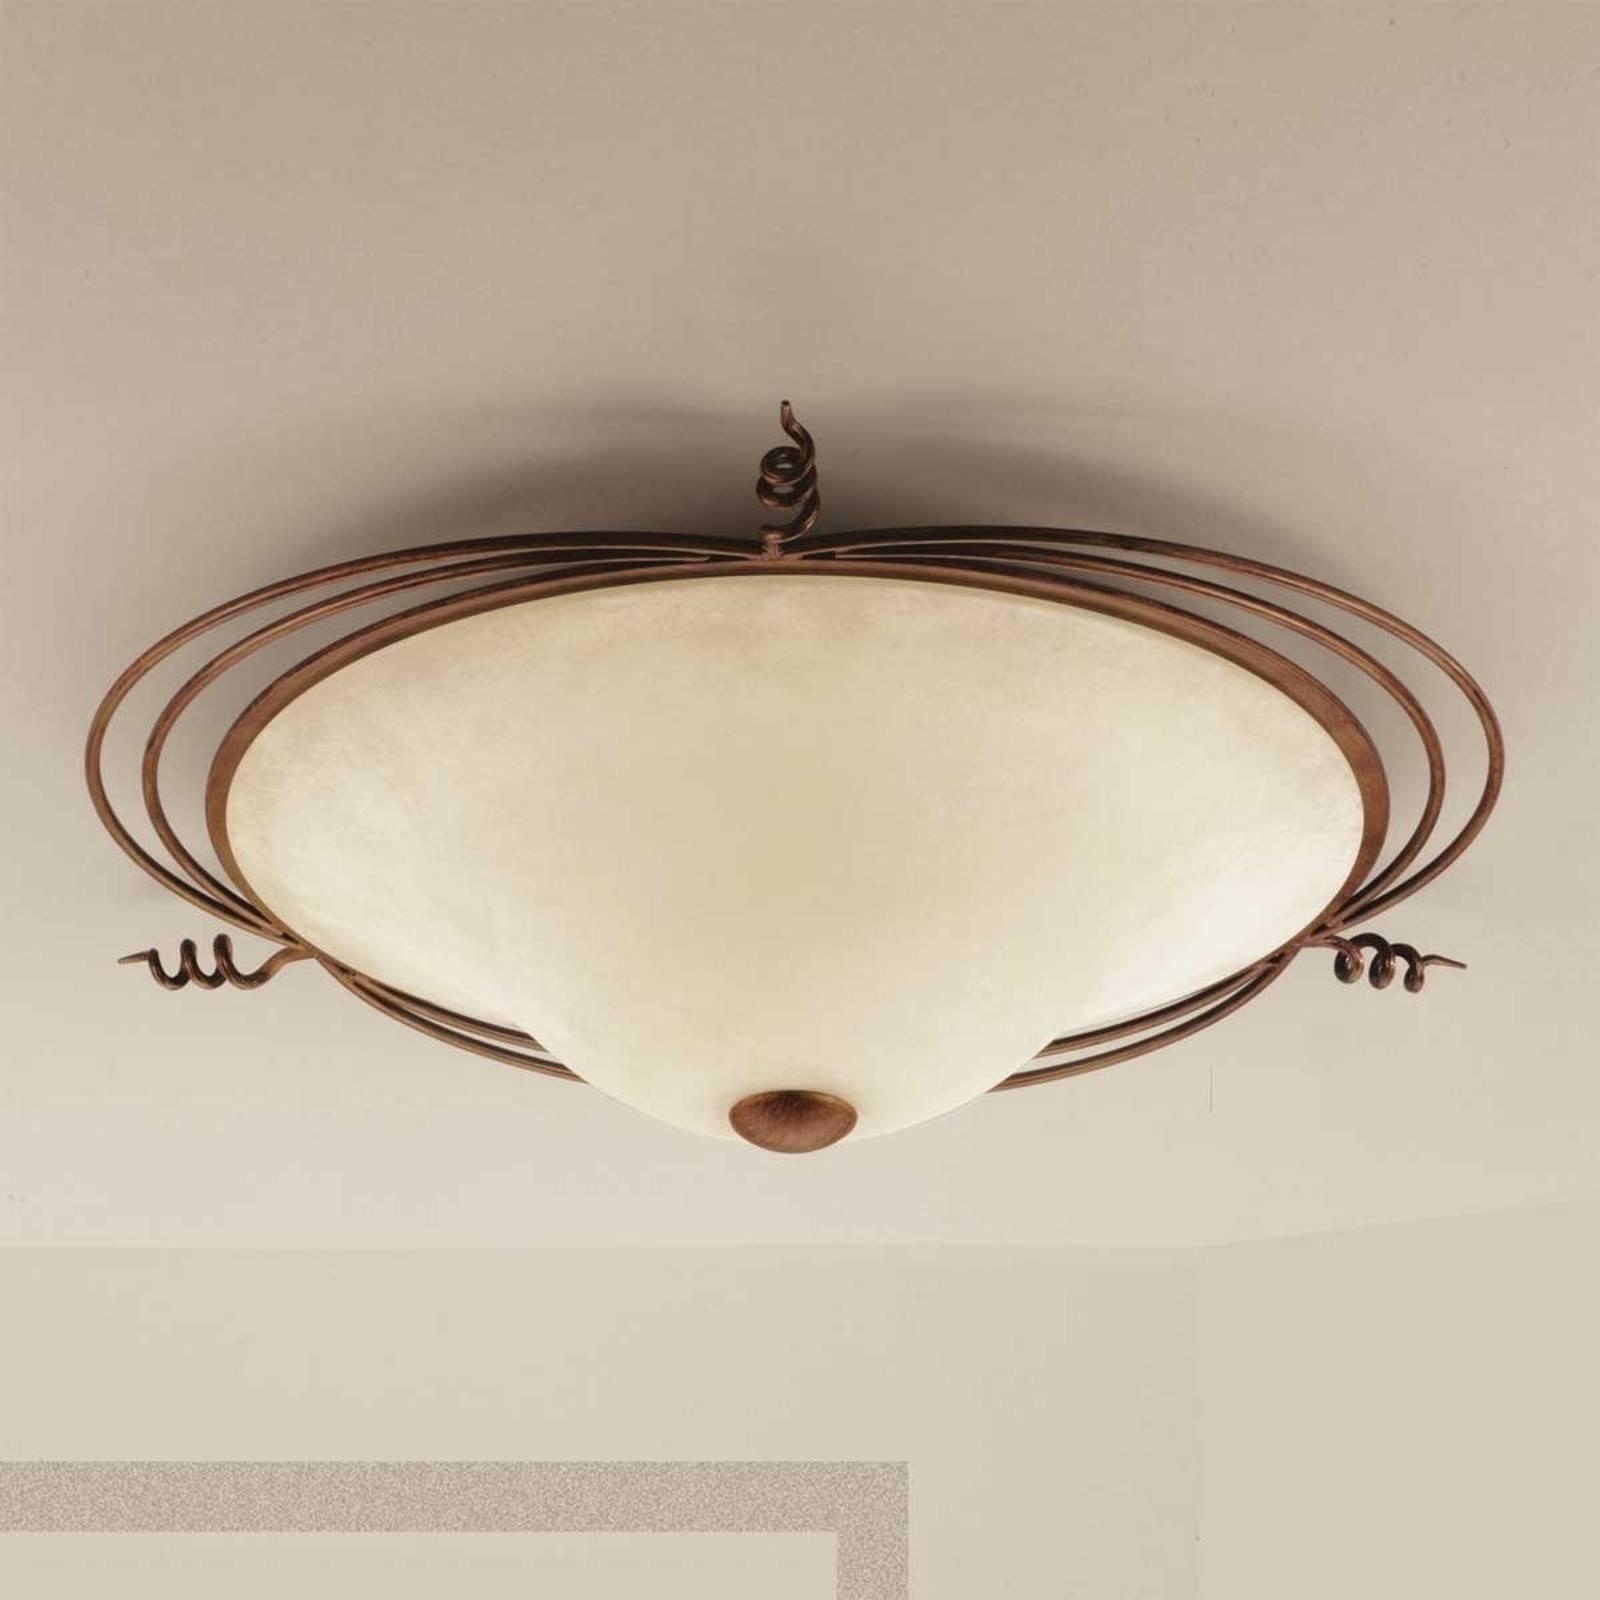 deckenlampen von lam und andere lampen f r wohnzimmer online kaufen bei m bel garten. Black Bedroom Furniture Sets. Home Design Ideas